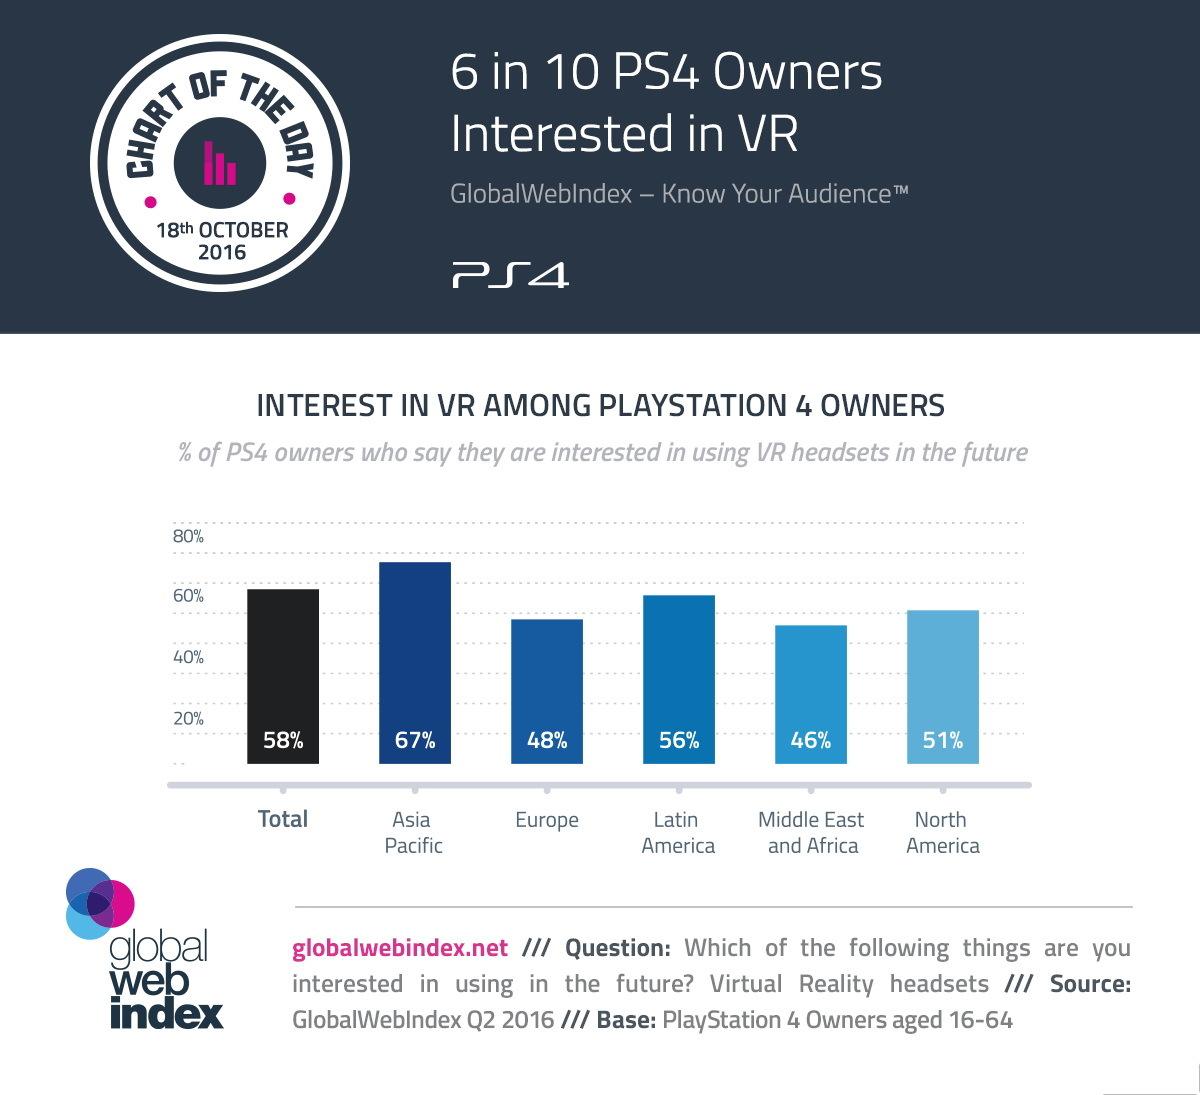 近六成PS4玩家对VR感兴趣